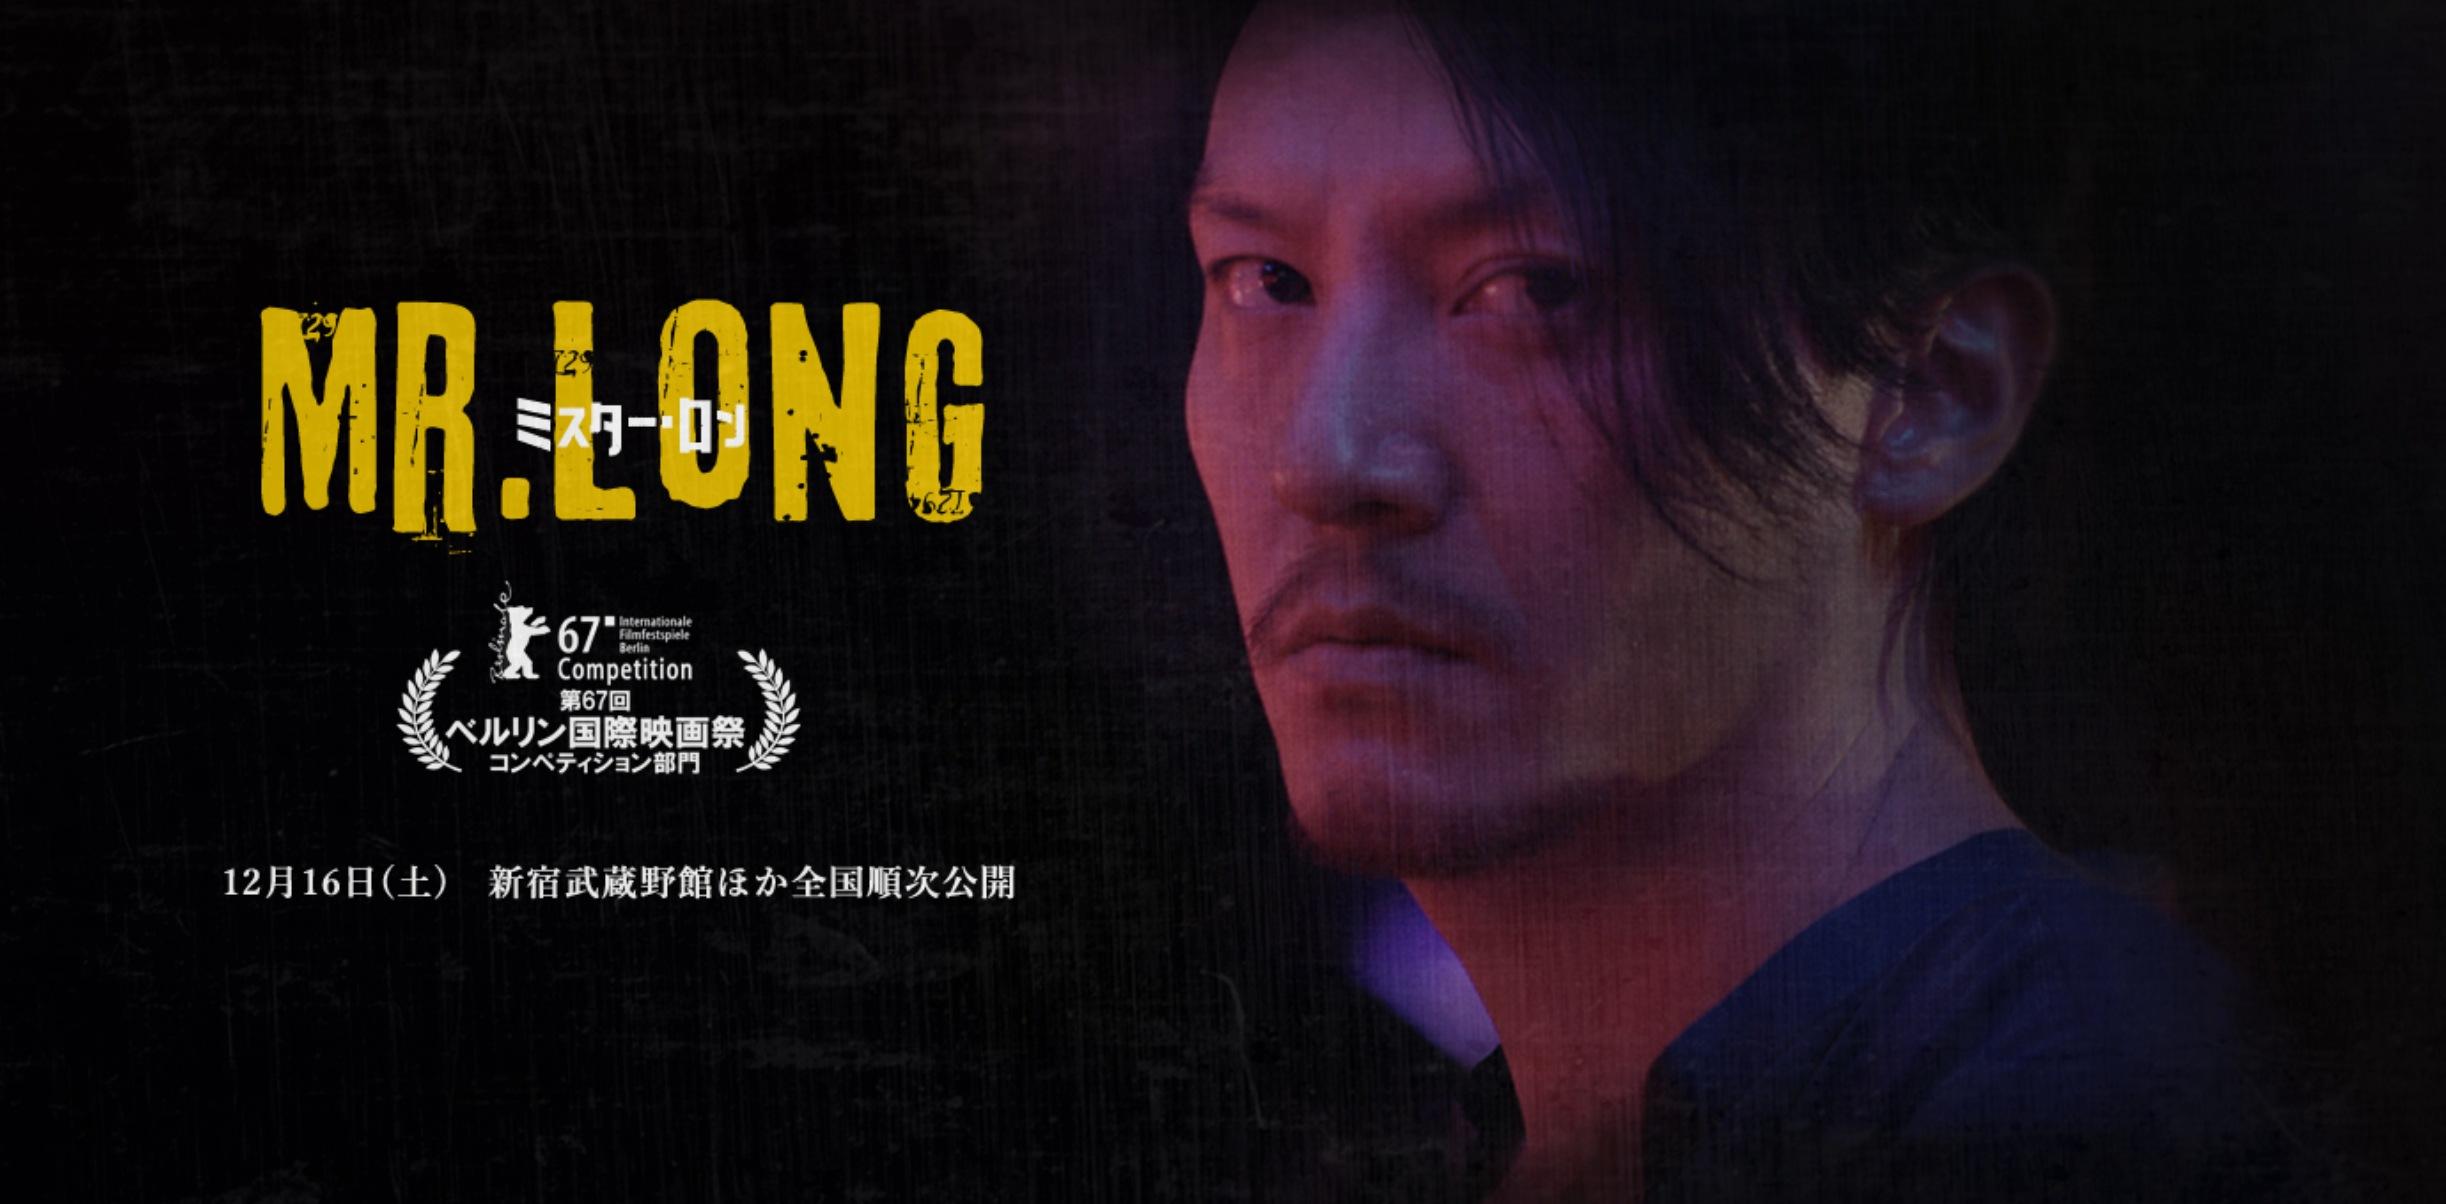 映画【ミスター・ロン / Mr.Long】